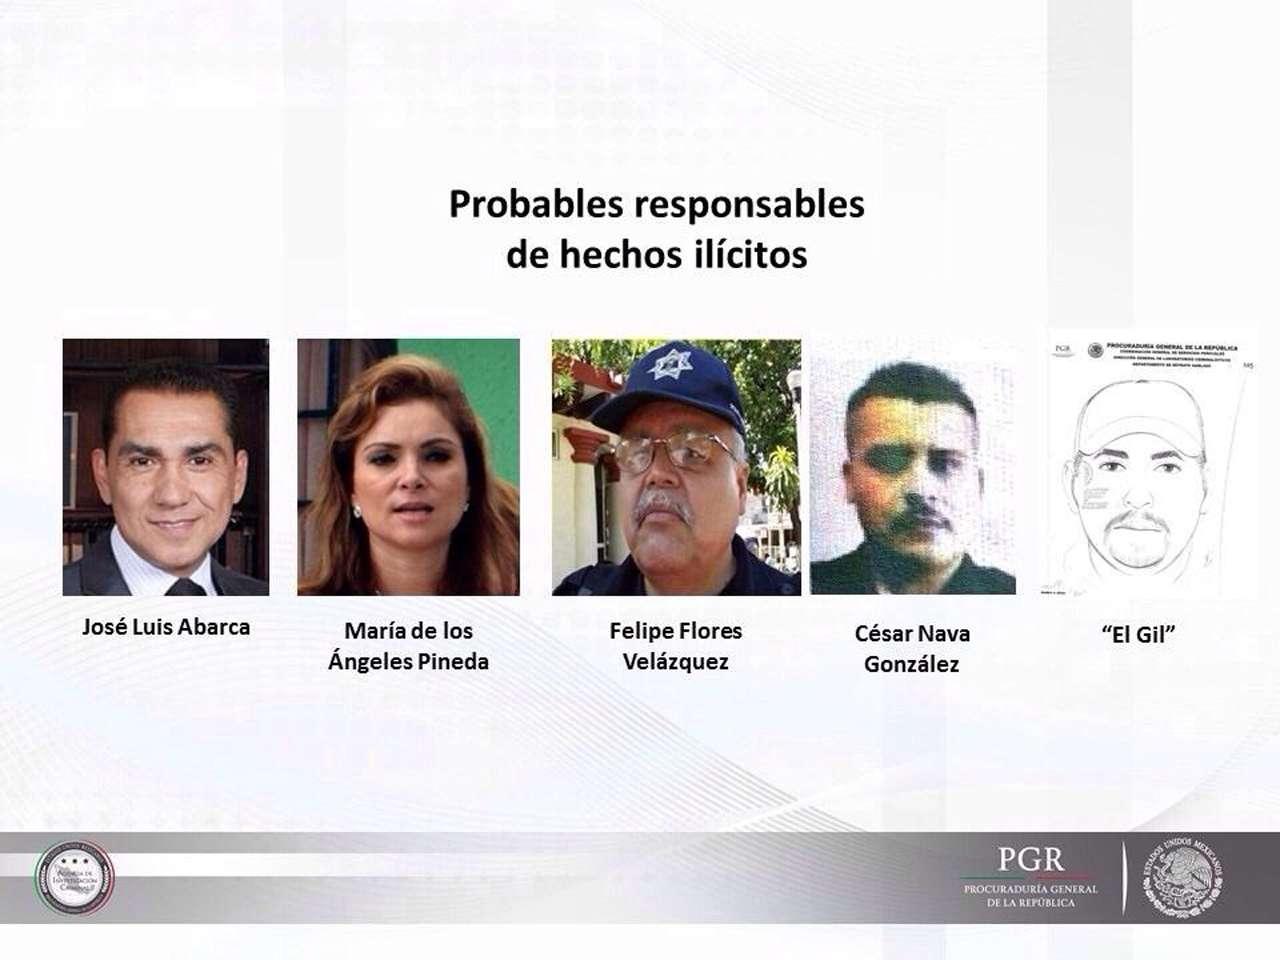 """La Procuraduría General de la República, dio a conocer que la principal línea de investigación sobre el caso de los 43 normalistas de Ayotzinapa en Guerrero, involucra a José Luis Abarca, exalcalde de Iguala; su esposa y expresidenta del DIF, María de los Ángeles Pineda; a Felipe Flores, subjefe de la policía local; Cesar Nava González y un sujeto apodado El 'Gil', integrantes de """"Guerreros Unidos"""". Foto: PGR"""